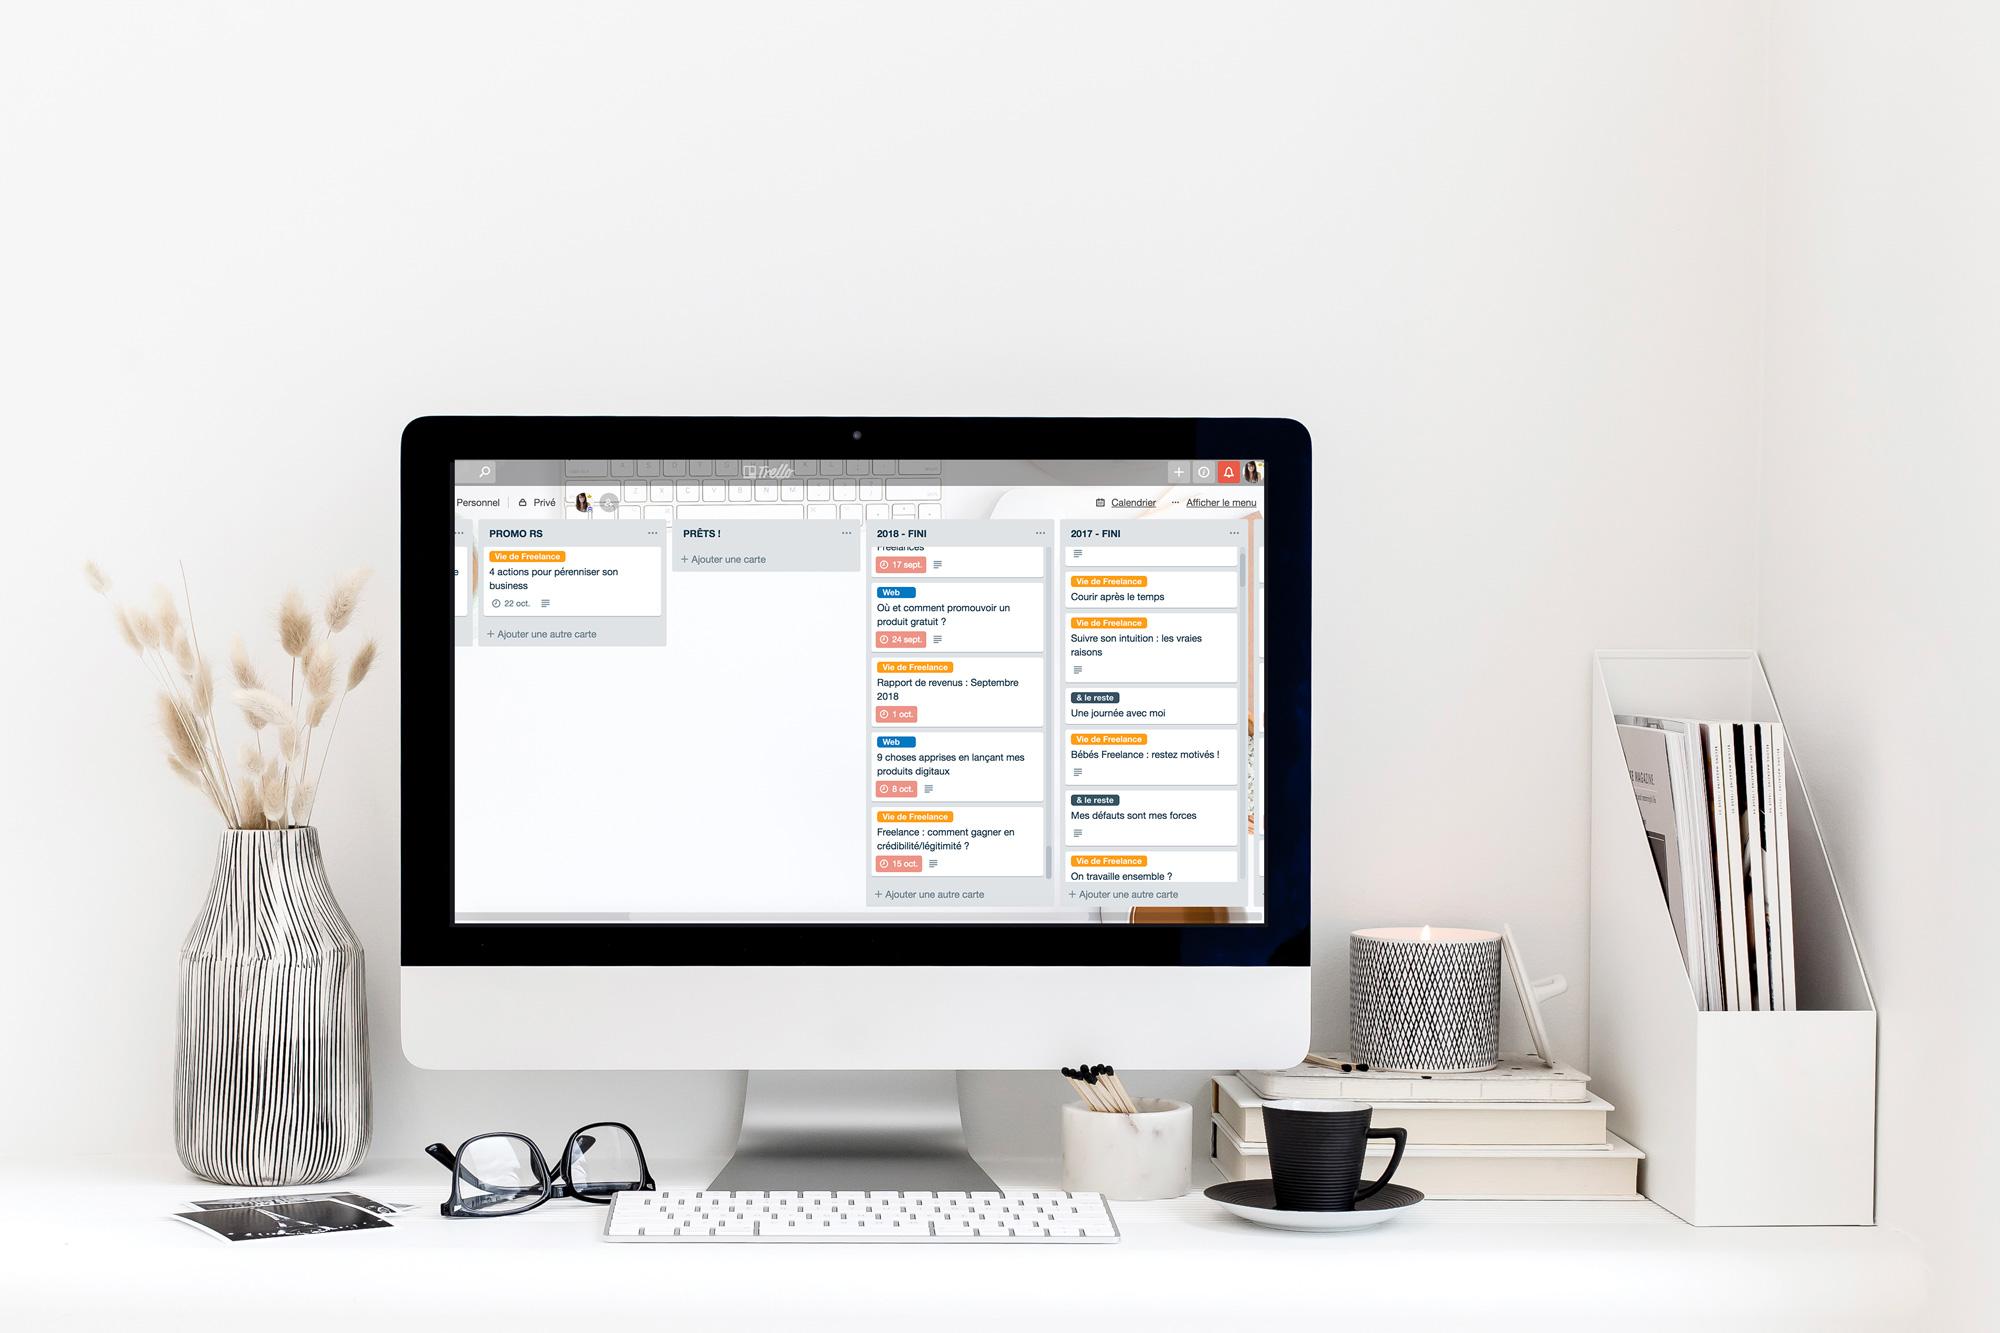 Comment Trello a révolutionné ma vie professionnelle en Freelance